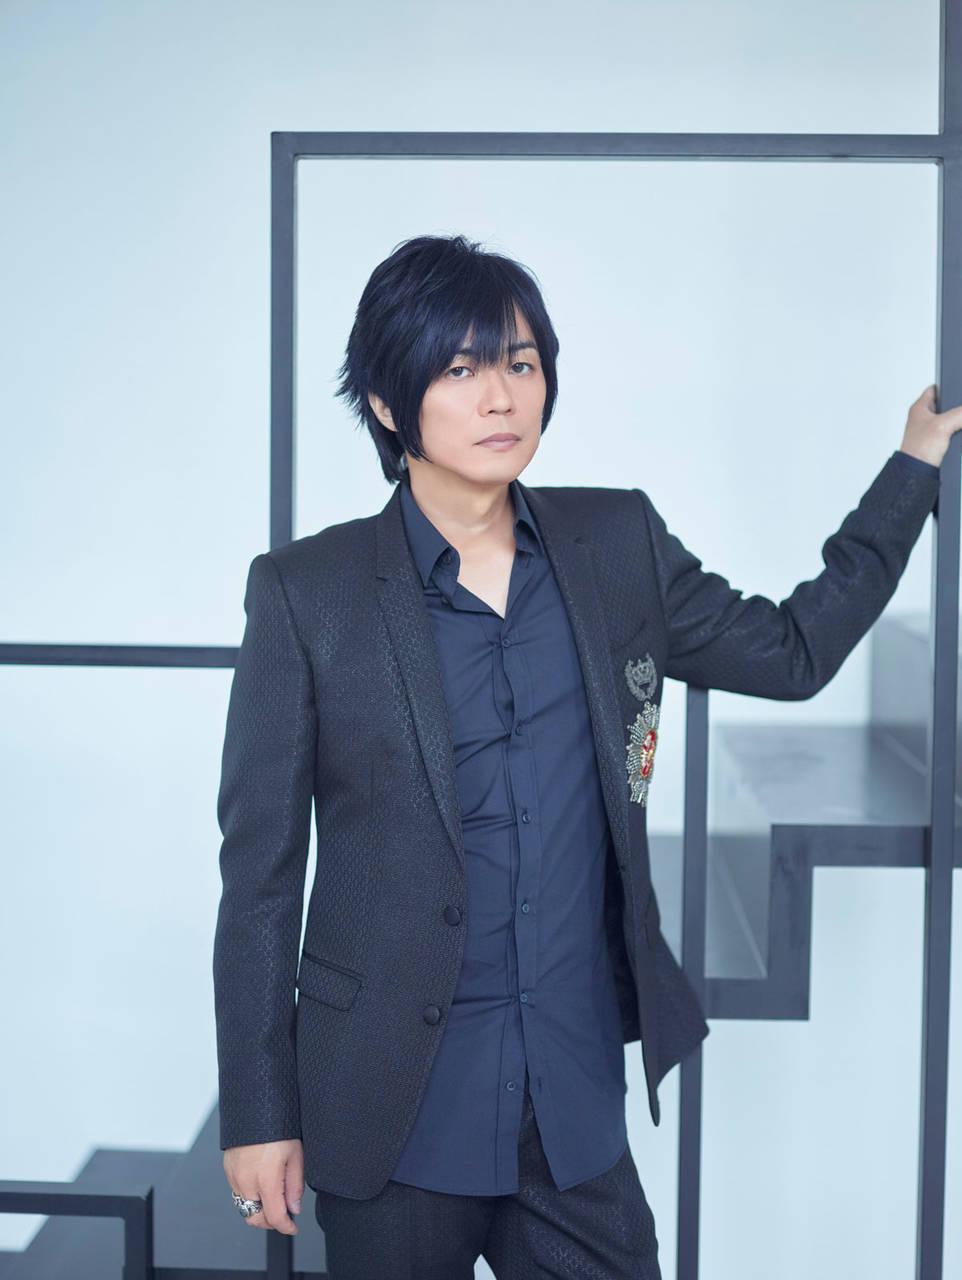 遊佐浩二の生誕50周年を記念した企画CD『io』9月19日発売決定!